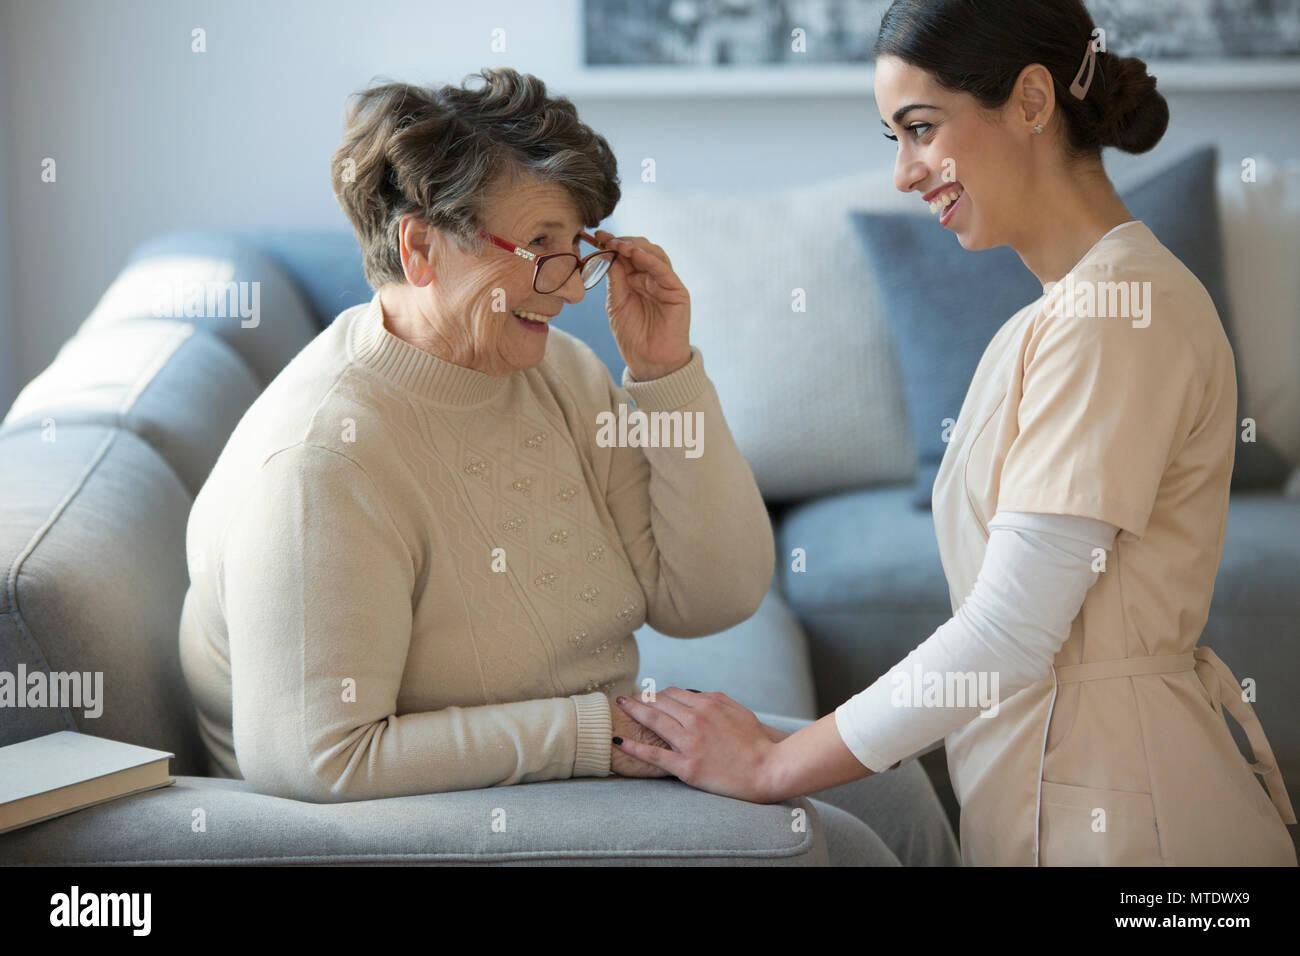 Une offre de soins de s'agenouiller et souriant face à une femme plus âgée qui est assis sur un canapé et tenant ses lunettes Photo Stock